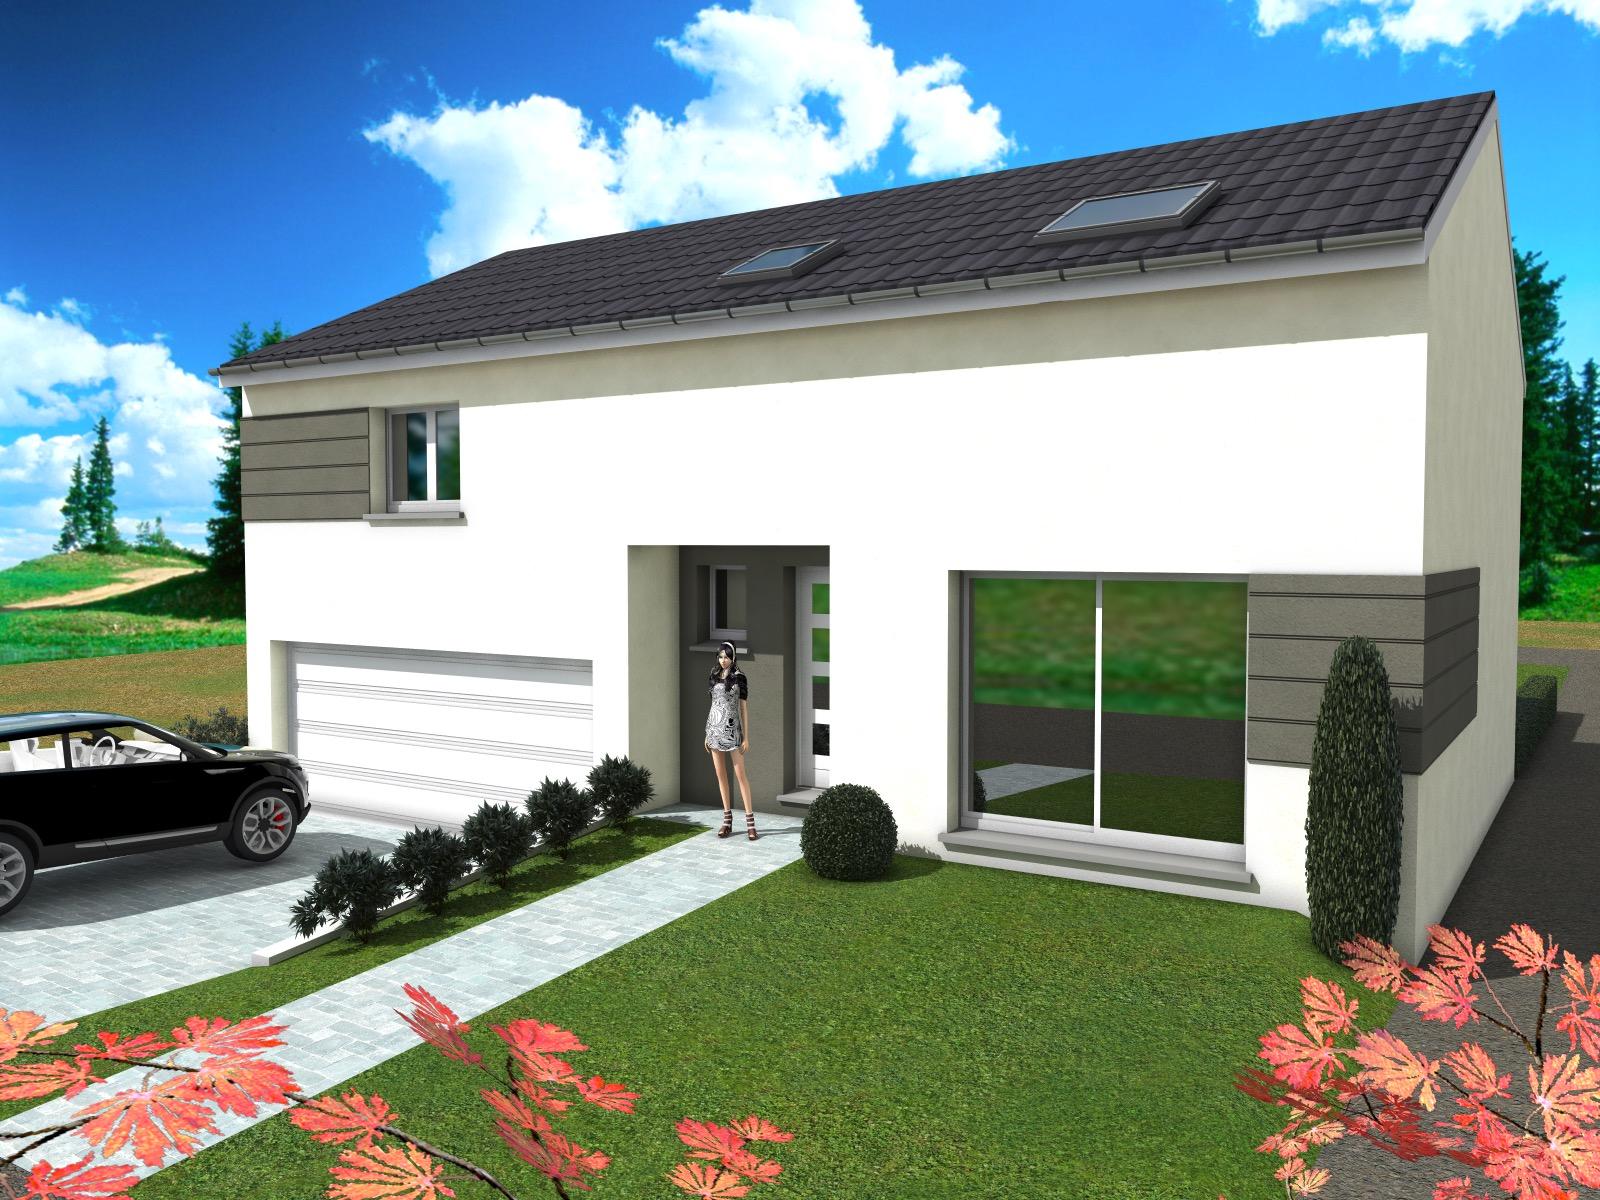 Le Constructeur De Bourgogne constructeur de maison individuelle plain-pied avec sous sol à maizeroy